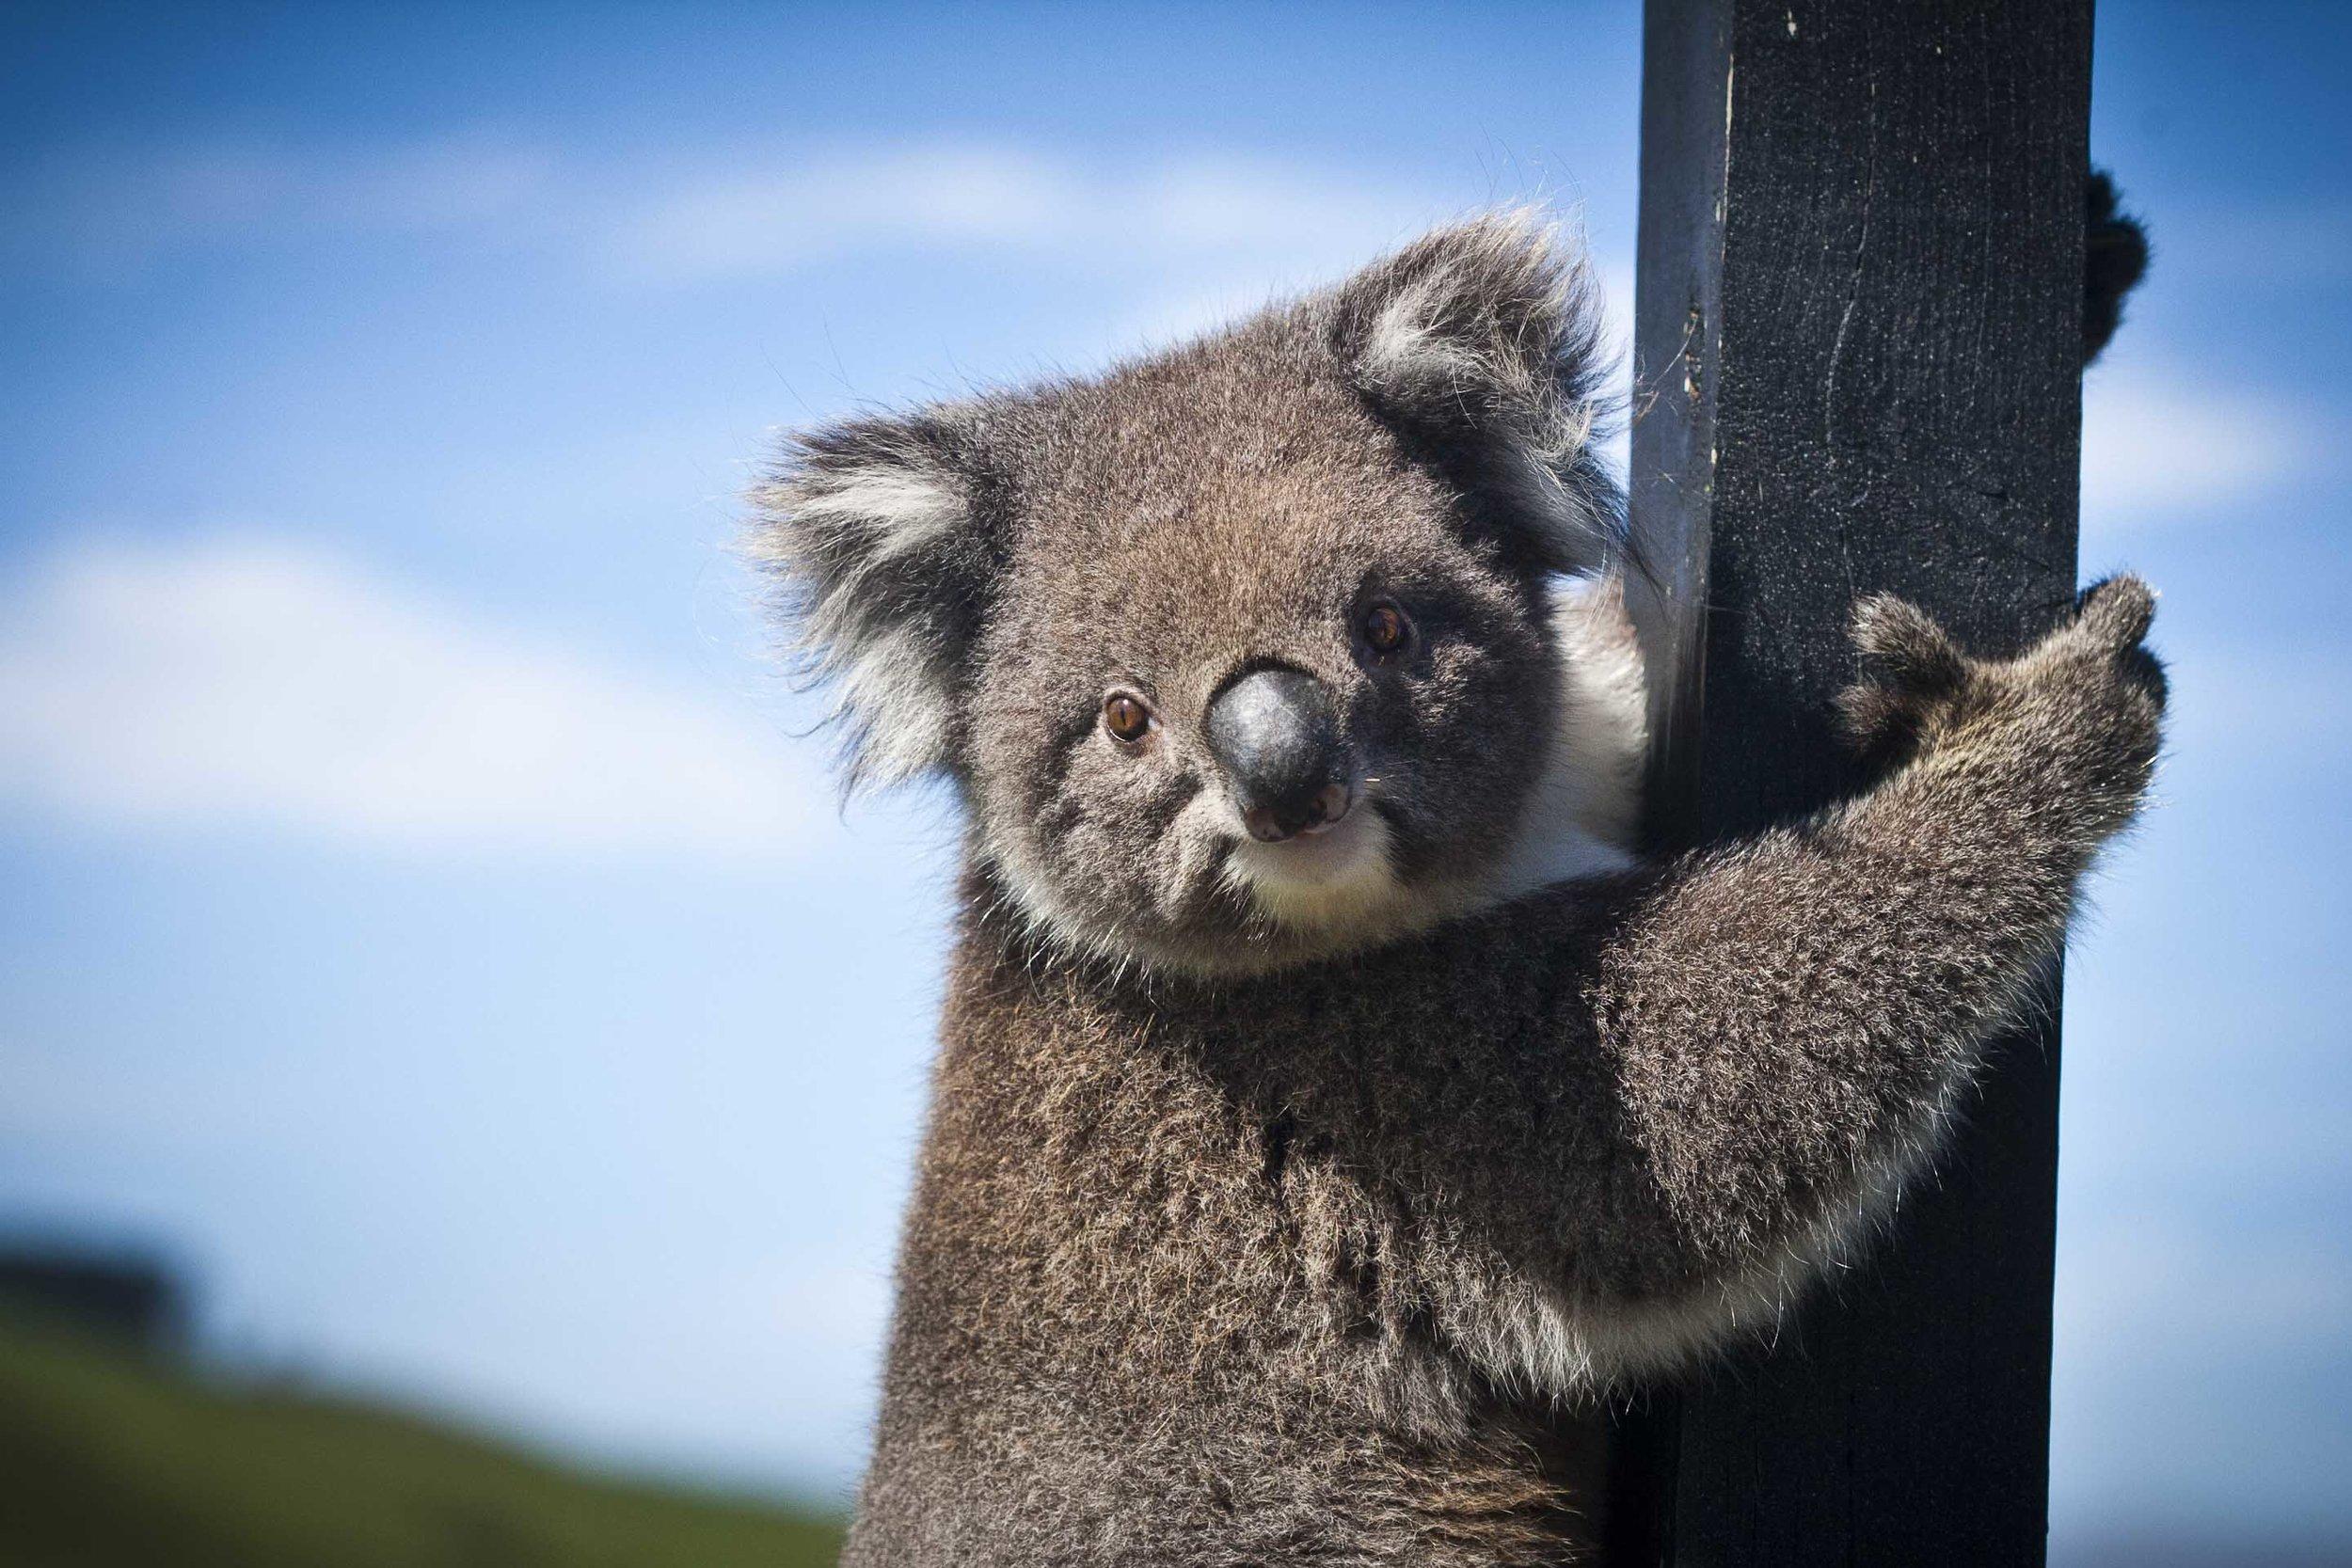 Koala Bear at Chi Medicinal Farm Pose 2